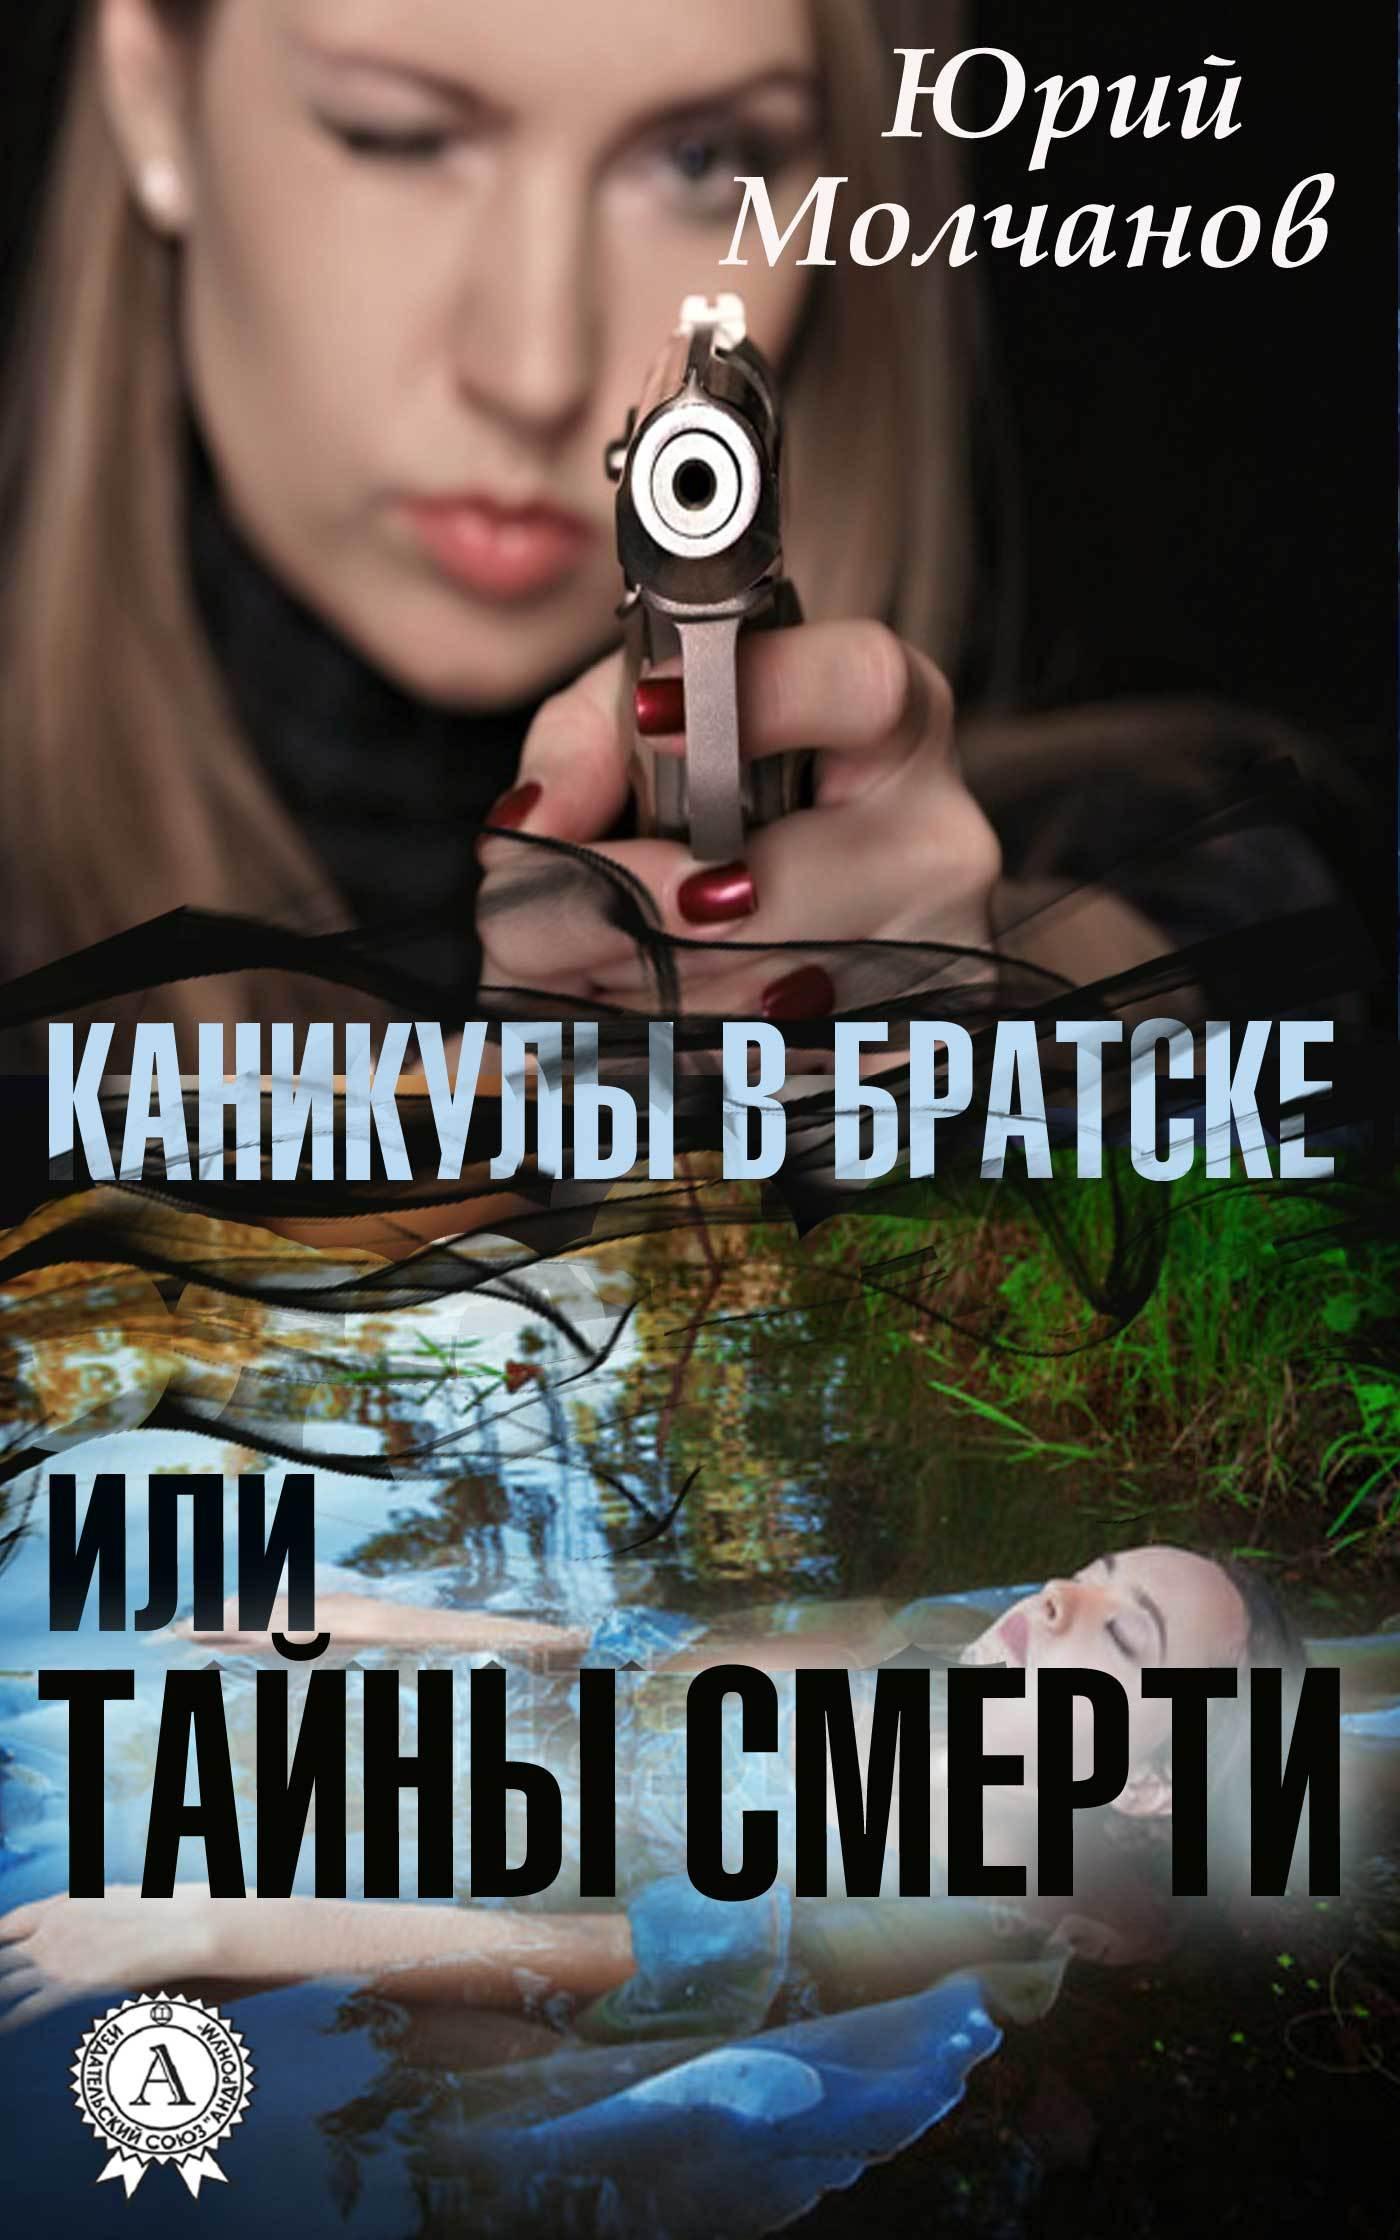 занимательное описание в книге Юрий Молчанов